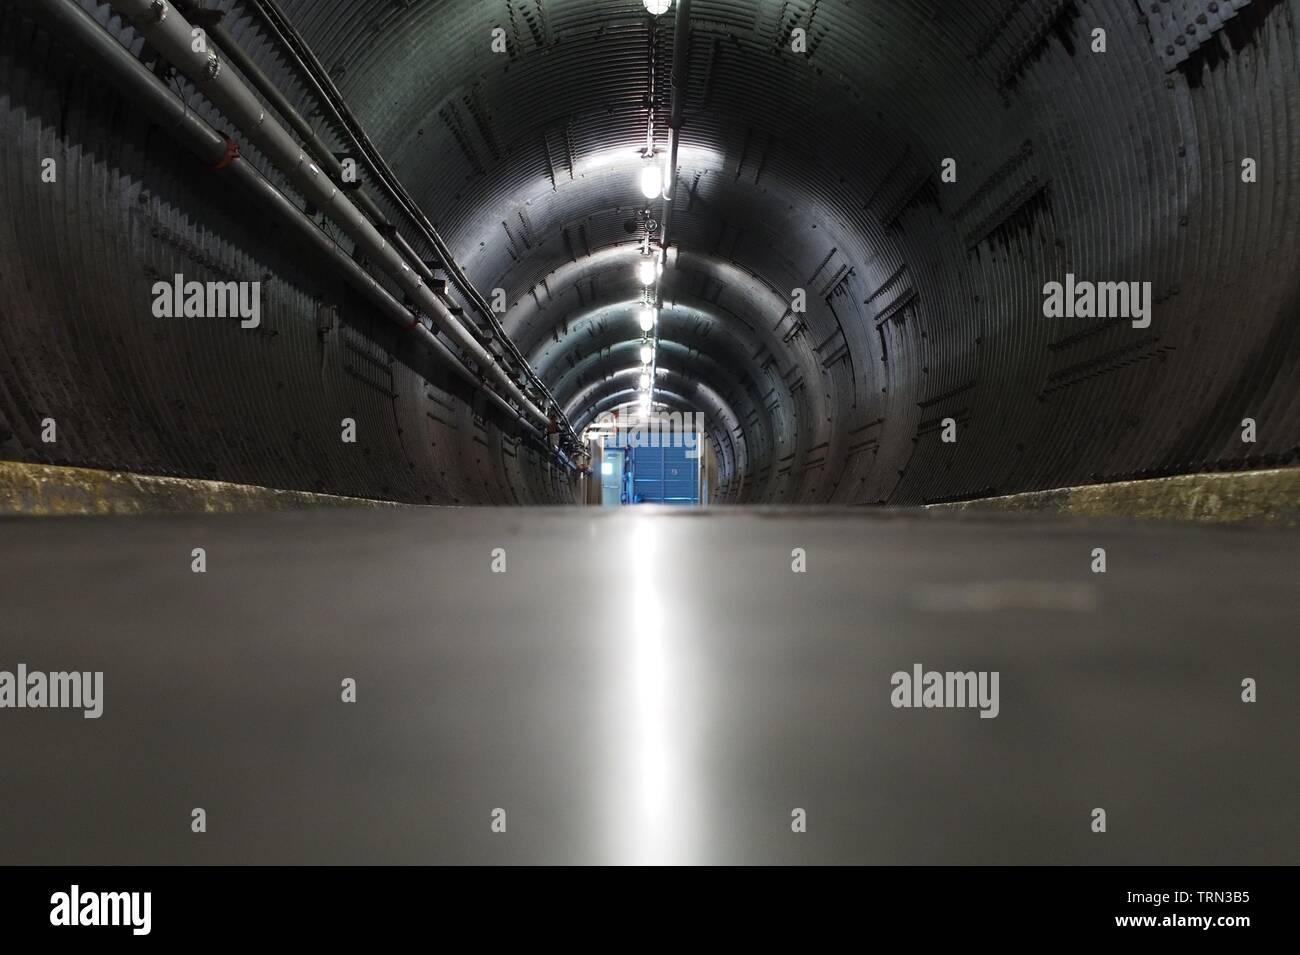 La entrada al túnel Blast Diefenbunker, Canadá es el Museo de la guerra fría, ubicada en las afueras de la carpa en Ottawa, Ontario, Canadá. Imagen De Stock